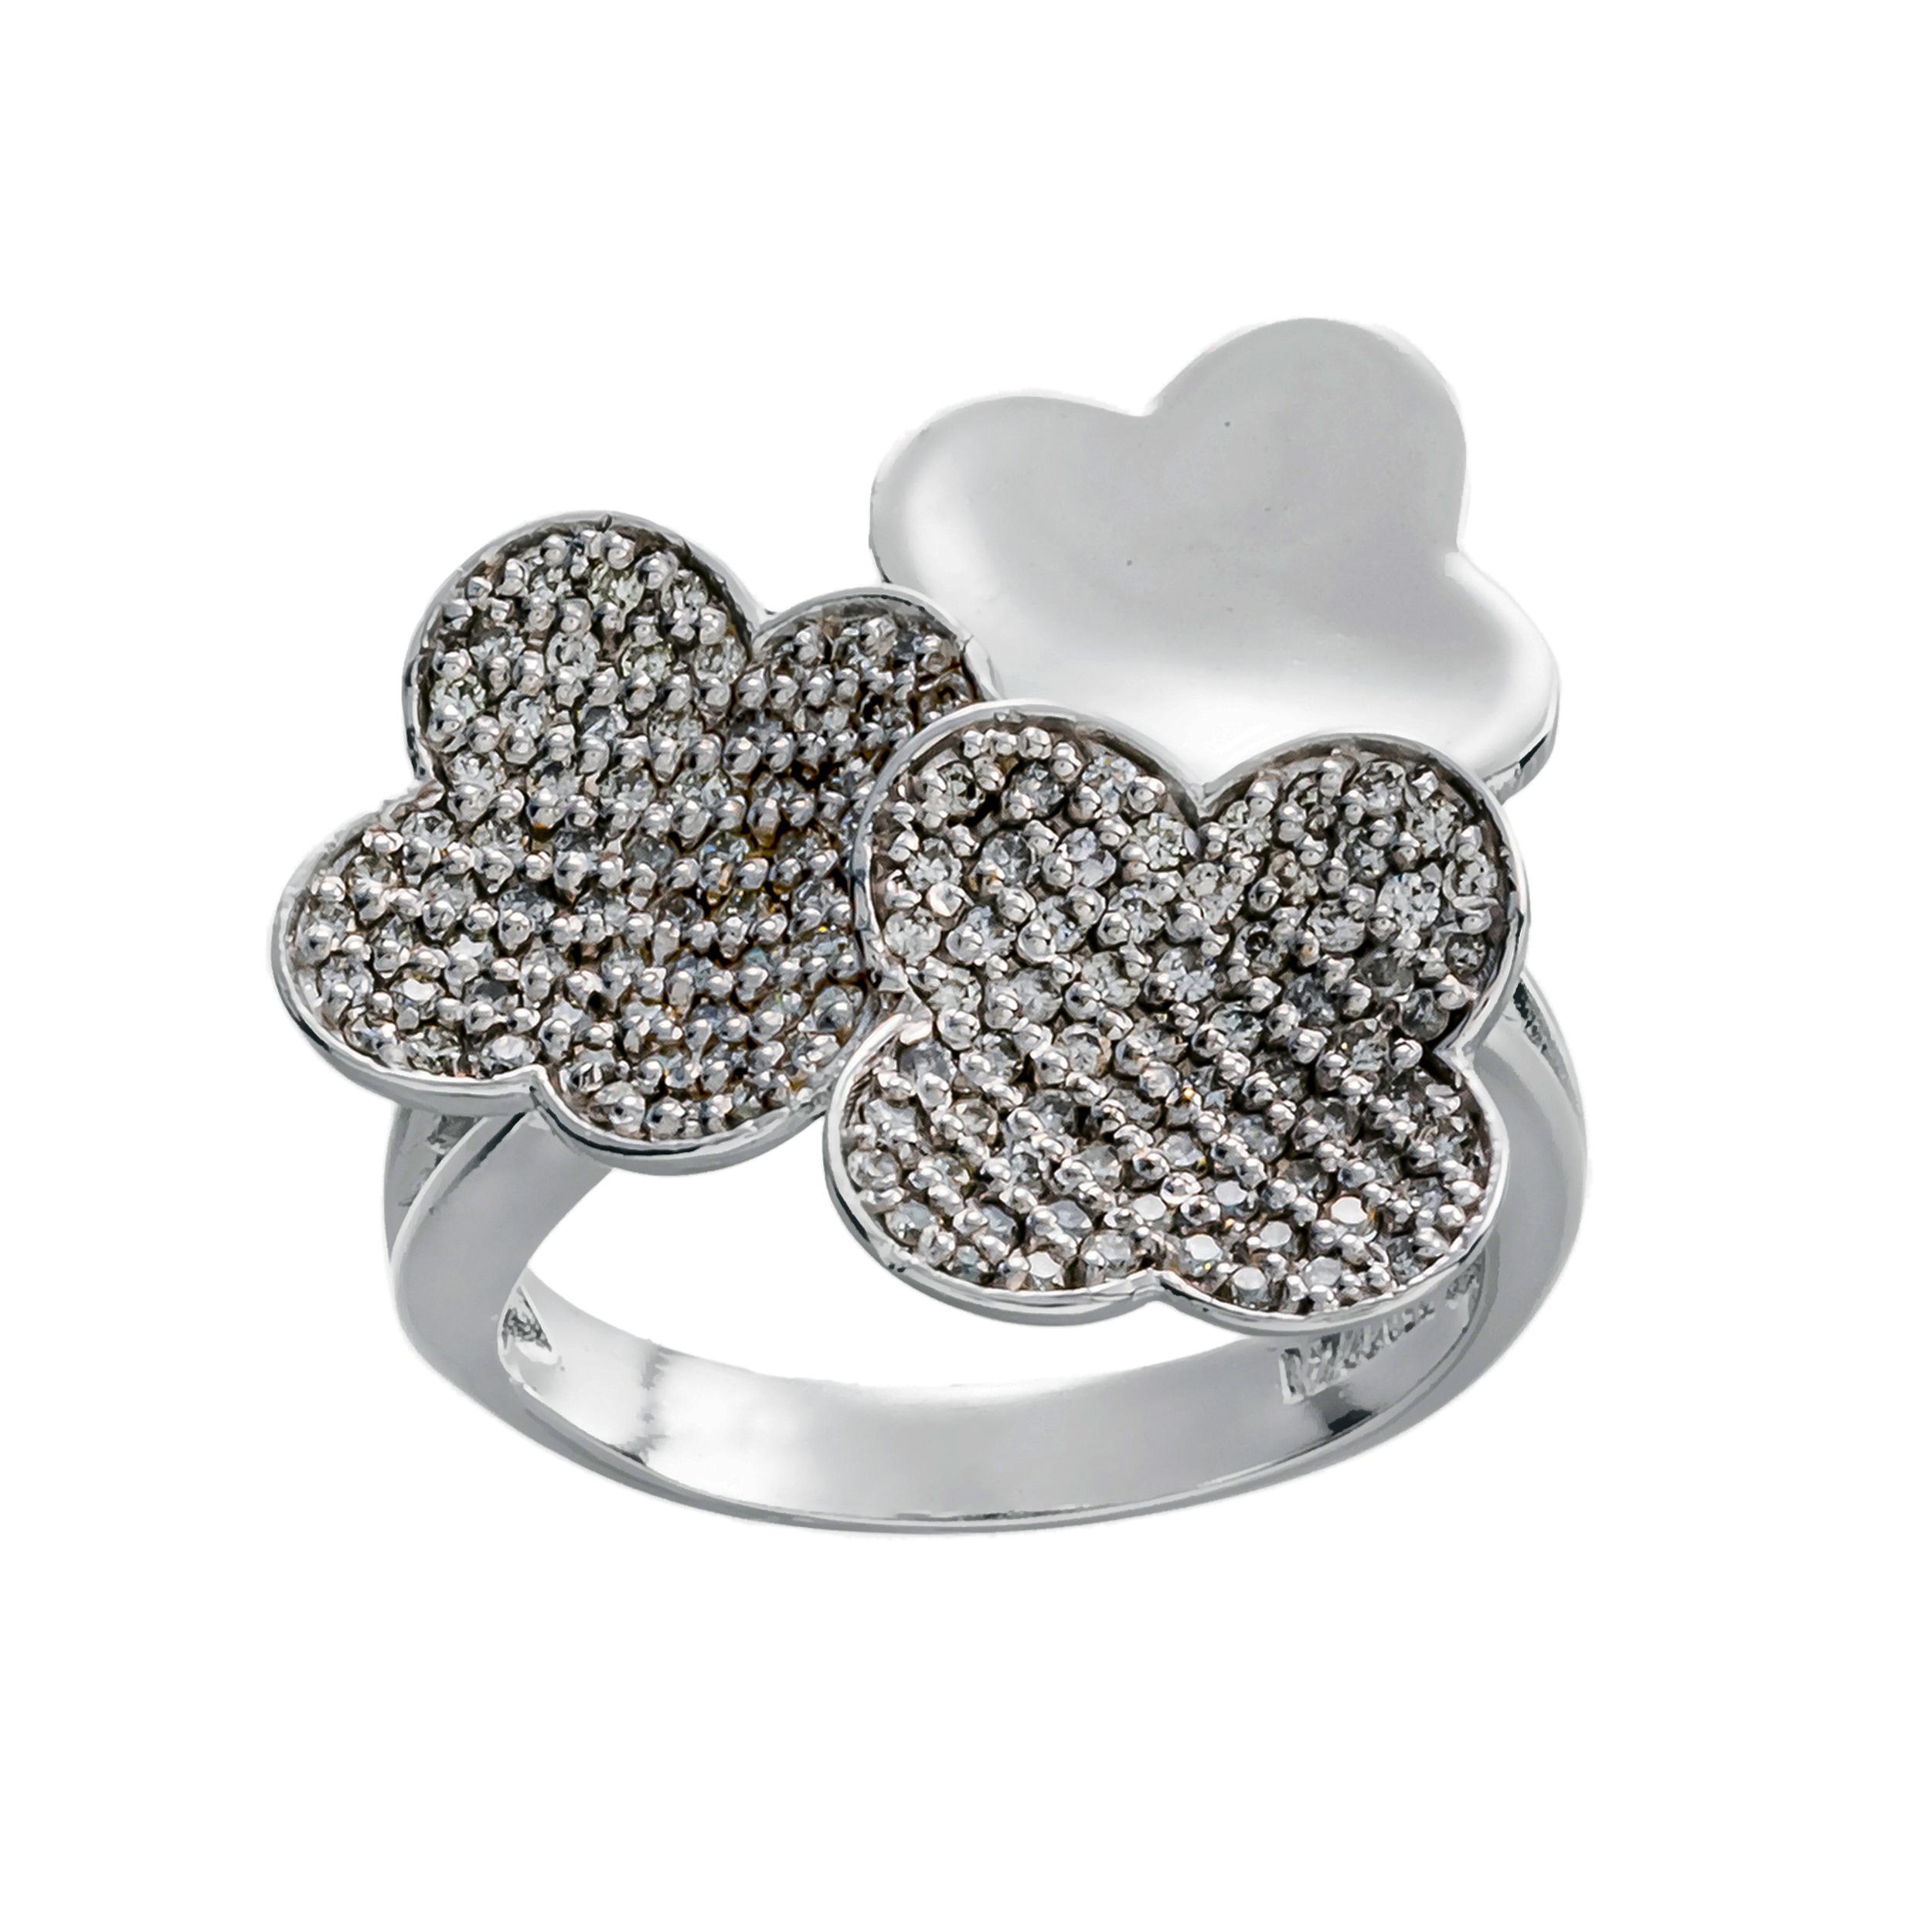 راهنمای خرید انگشتر طلا 18 عیار زنانه جواهری سون مدل 2428 لیست قیمت